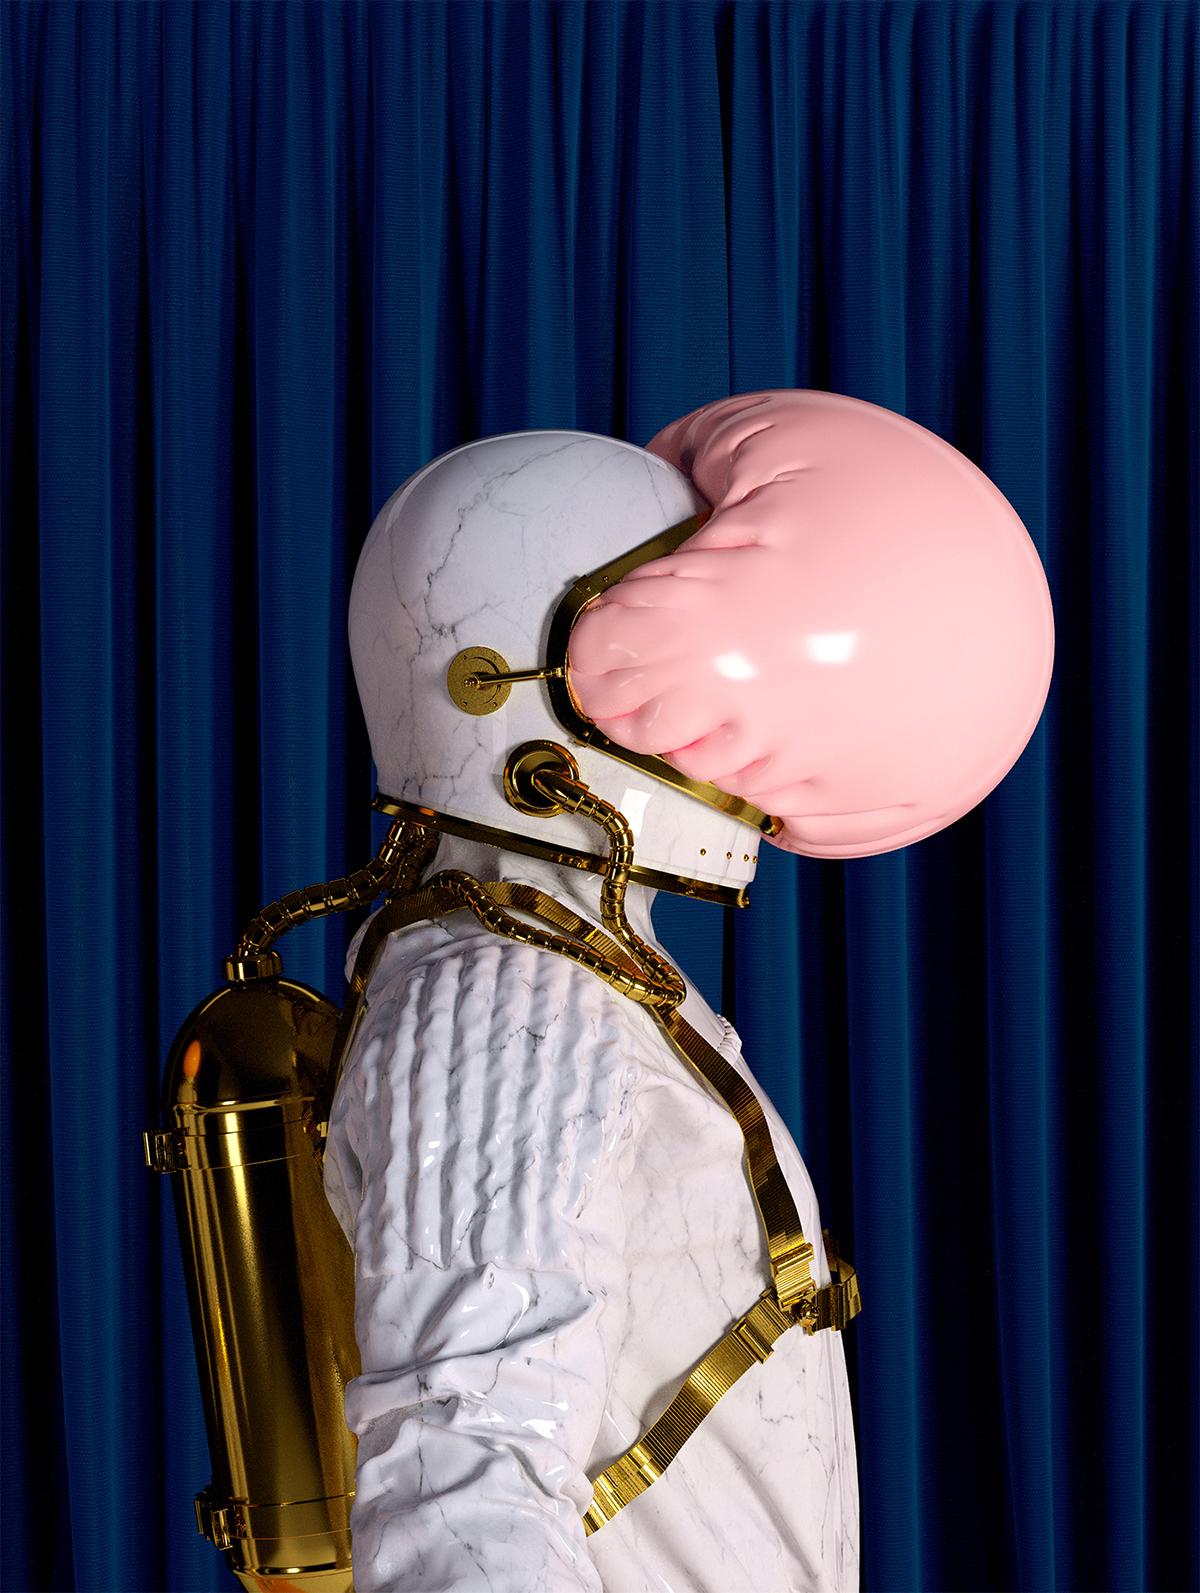 pink,cinema4d,graphic,art,astronaut,bubble,design